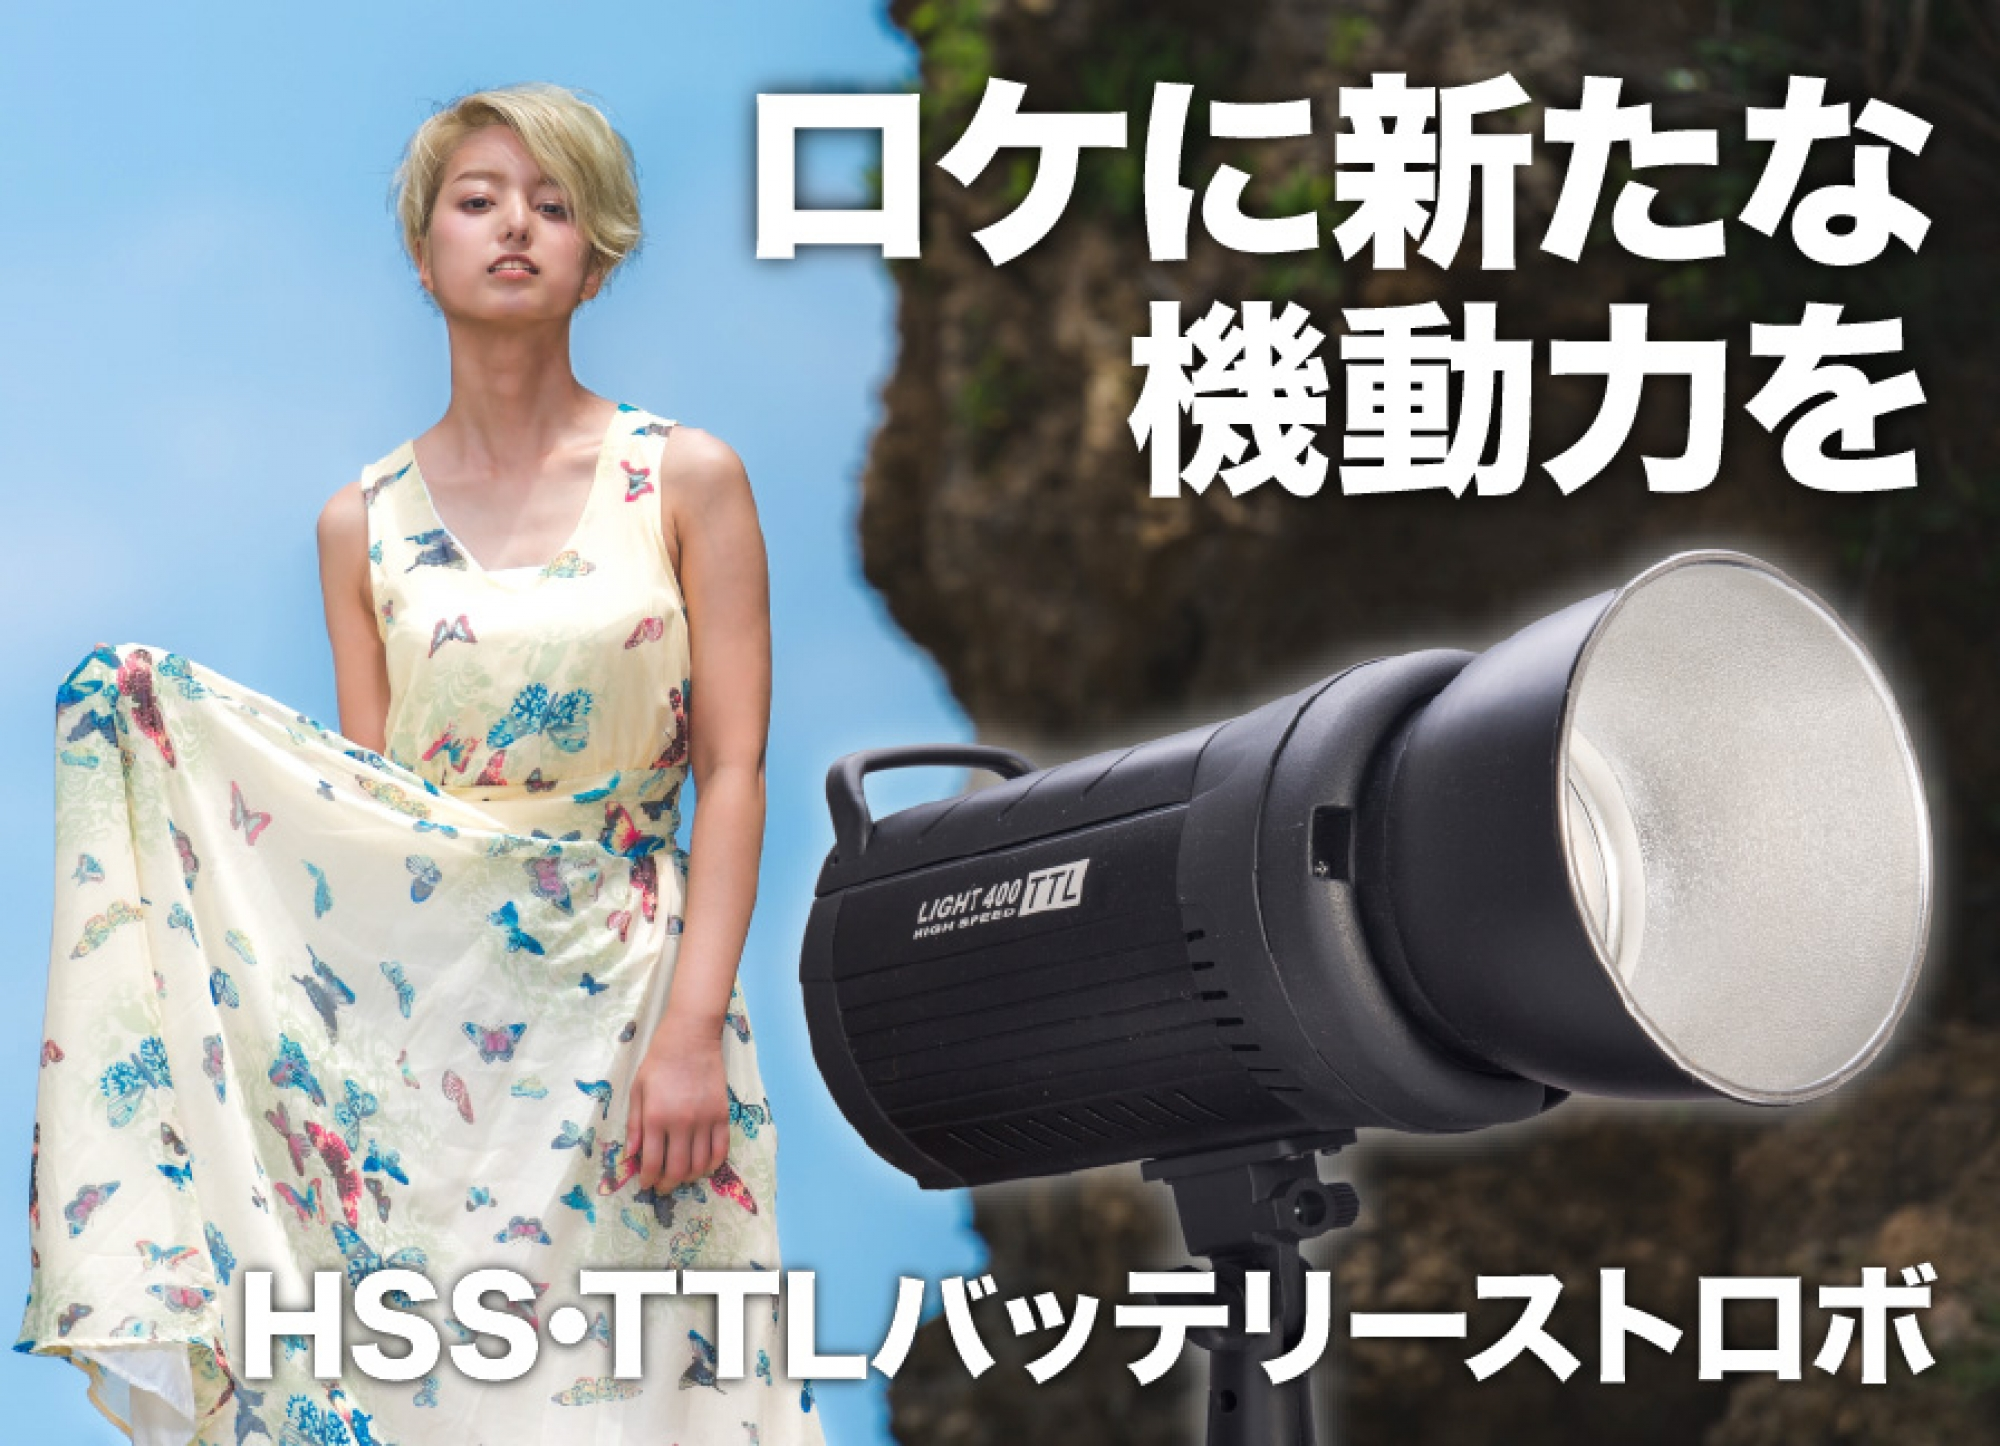 ハイスピードシンクロ・TTL対応のバッテリーストロボでロケ撮影に機動力を